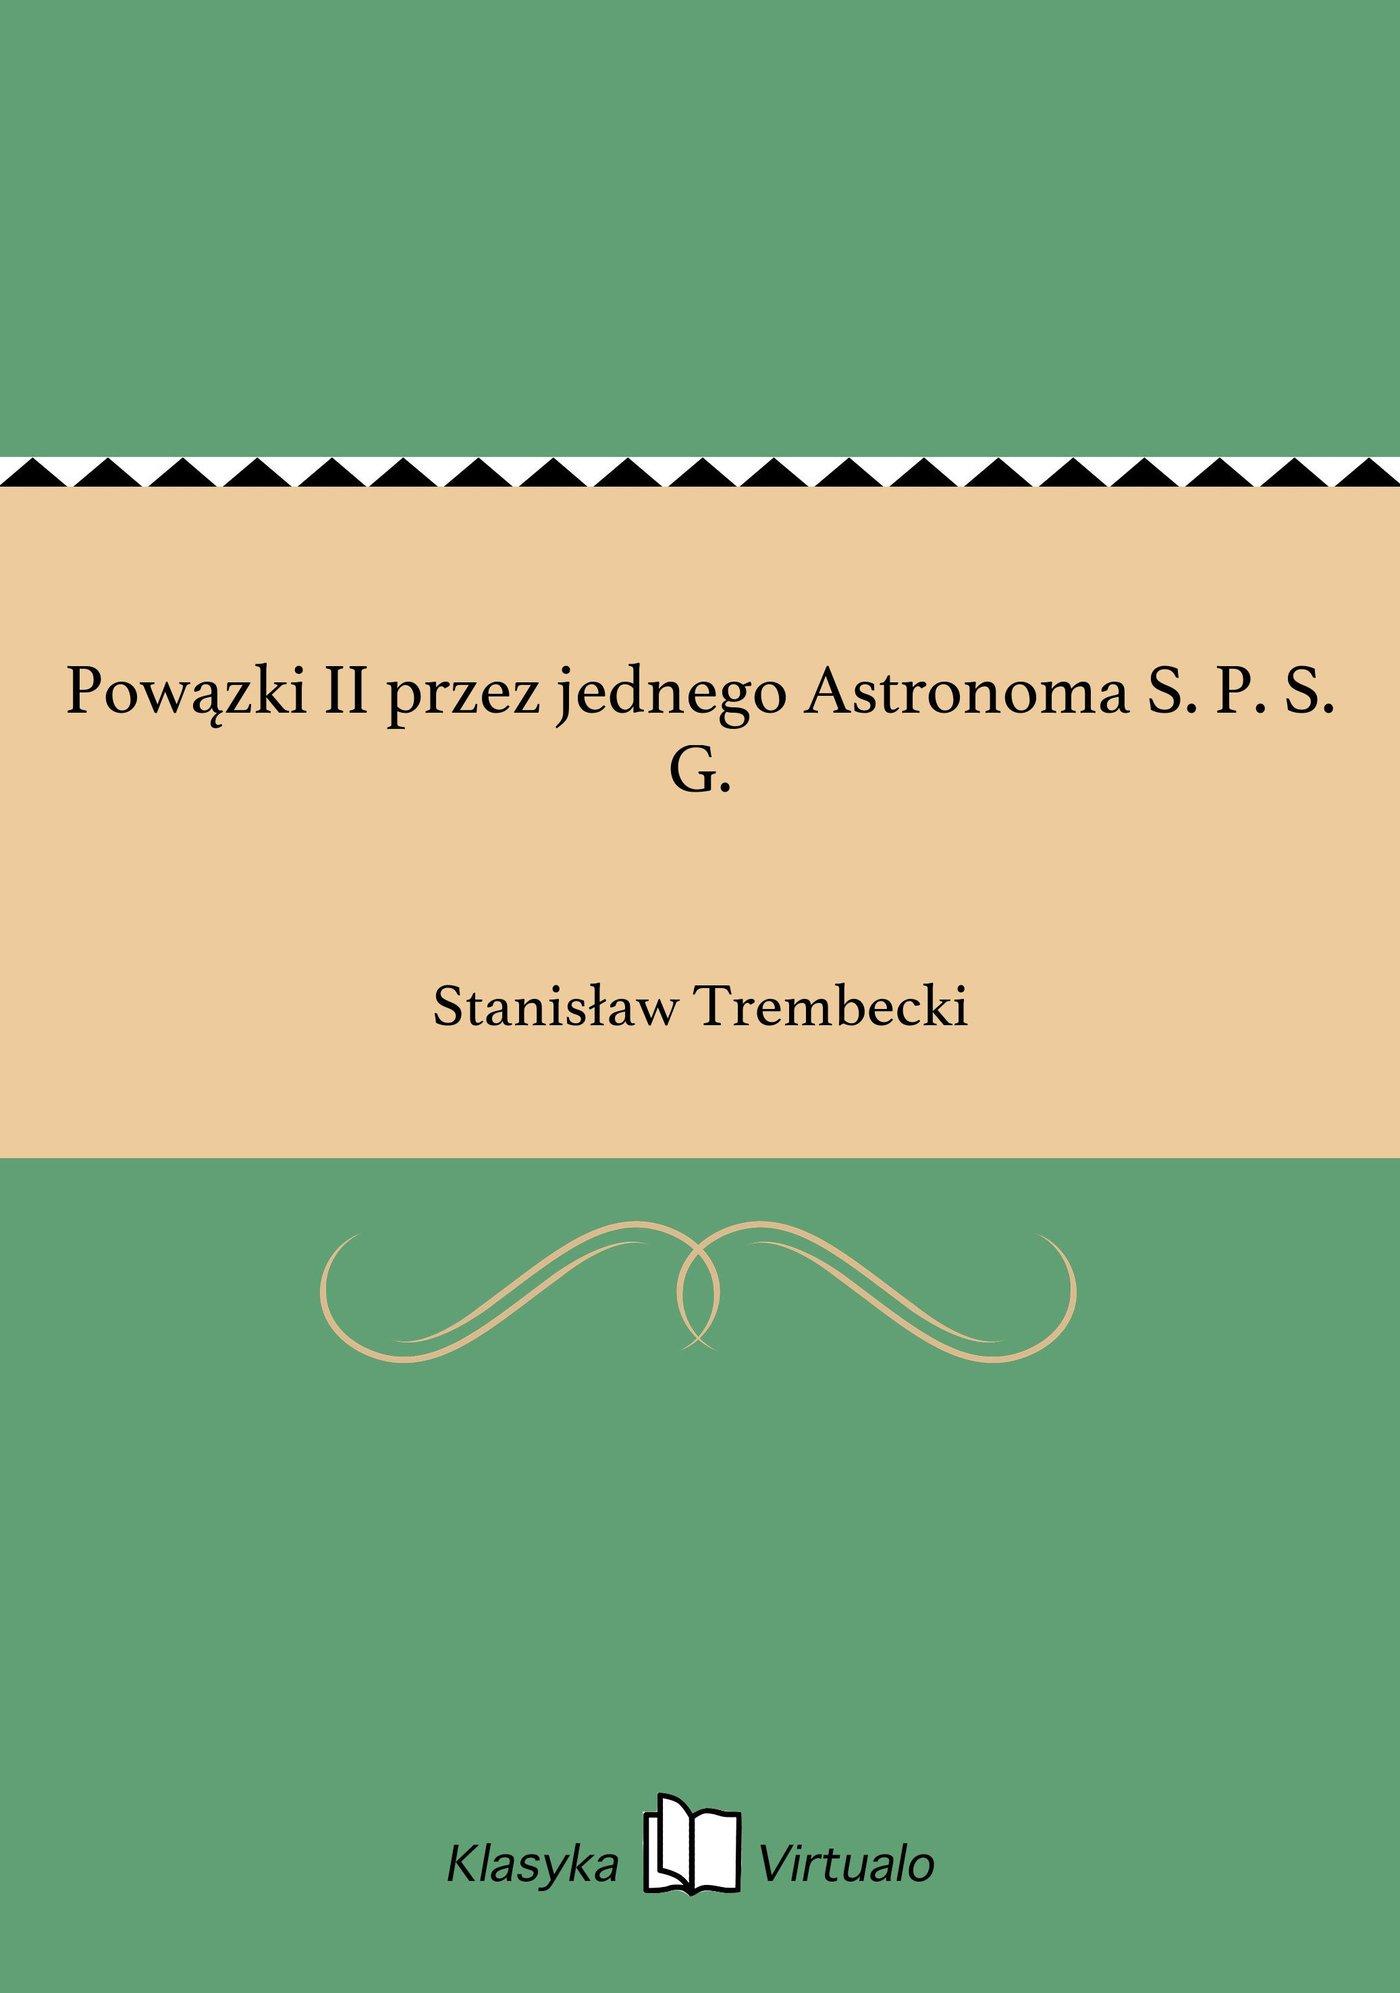 Powązki II przez jednego Astronoma S. P. S. G. - Ebook (Książka EPUB) do pobrania w formacie EPUB